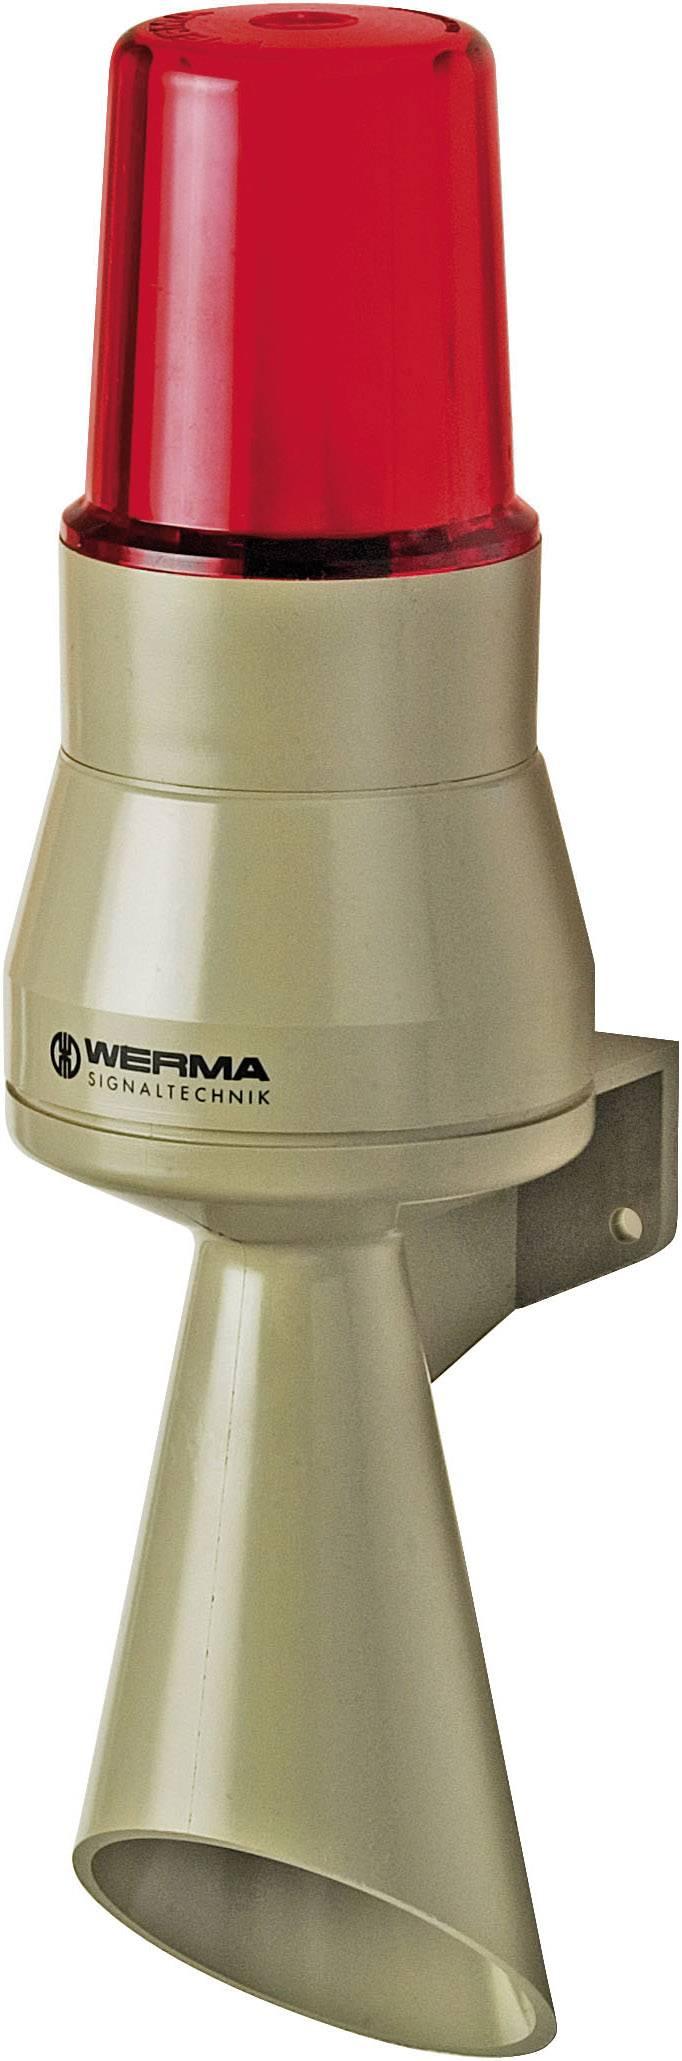 Siréna s výstražným světlem Werma 580.152.55, 24 V/DC, IP65, červená